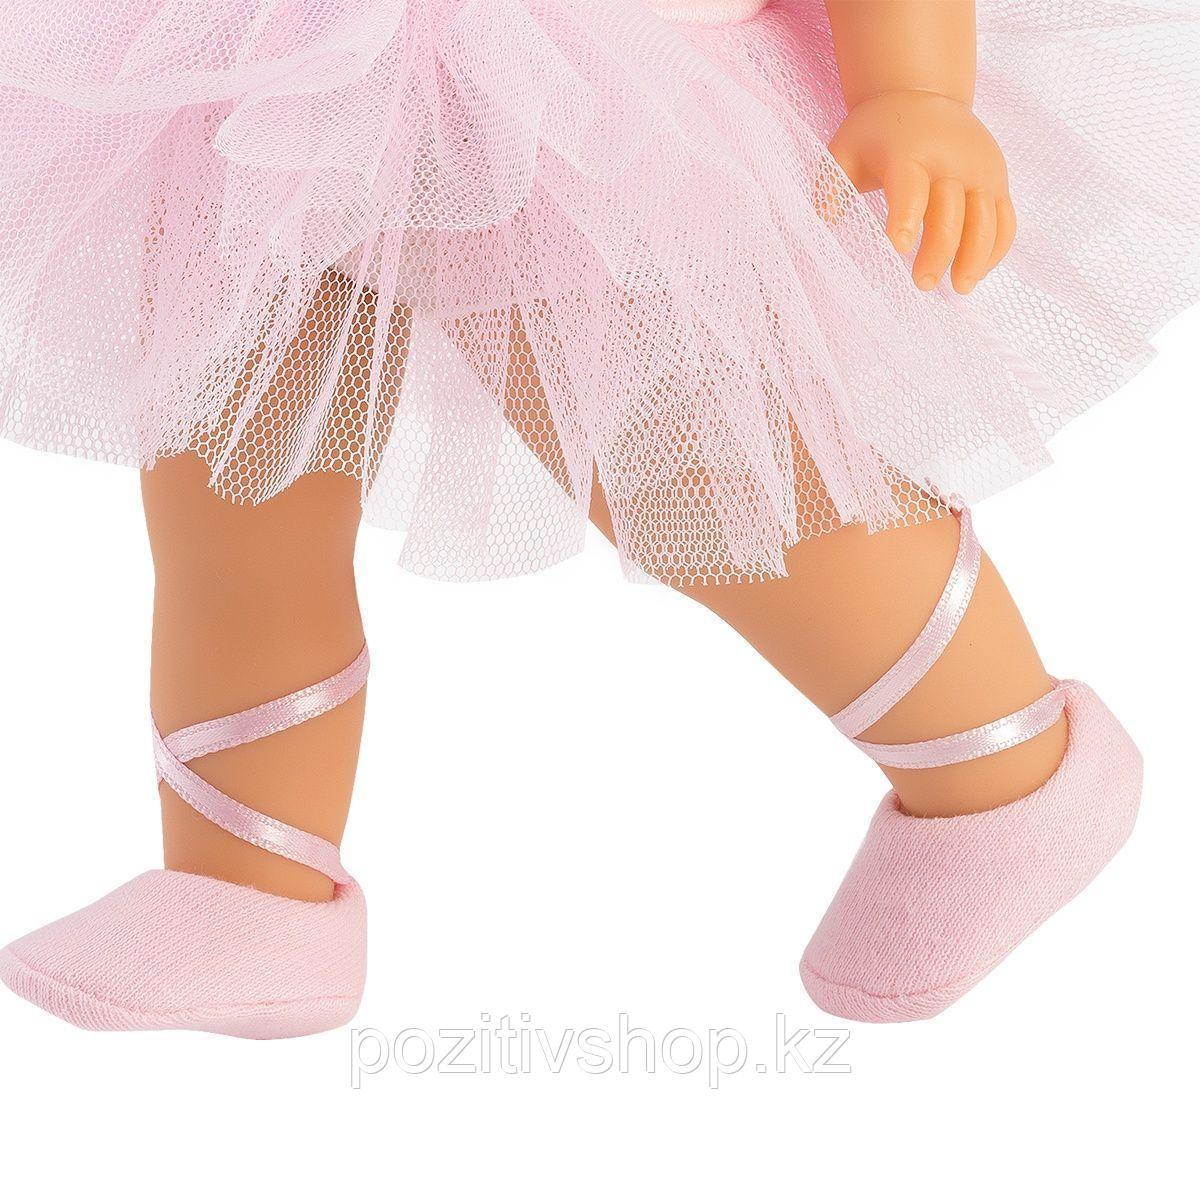 Кукла Llorens Лу брюнетка балерина - фото 3